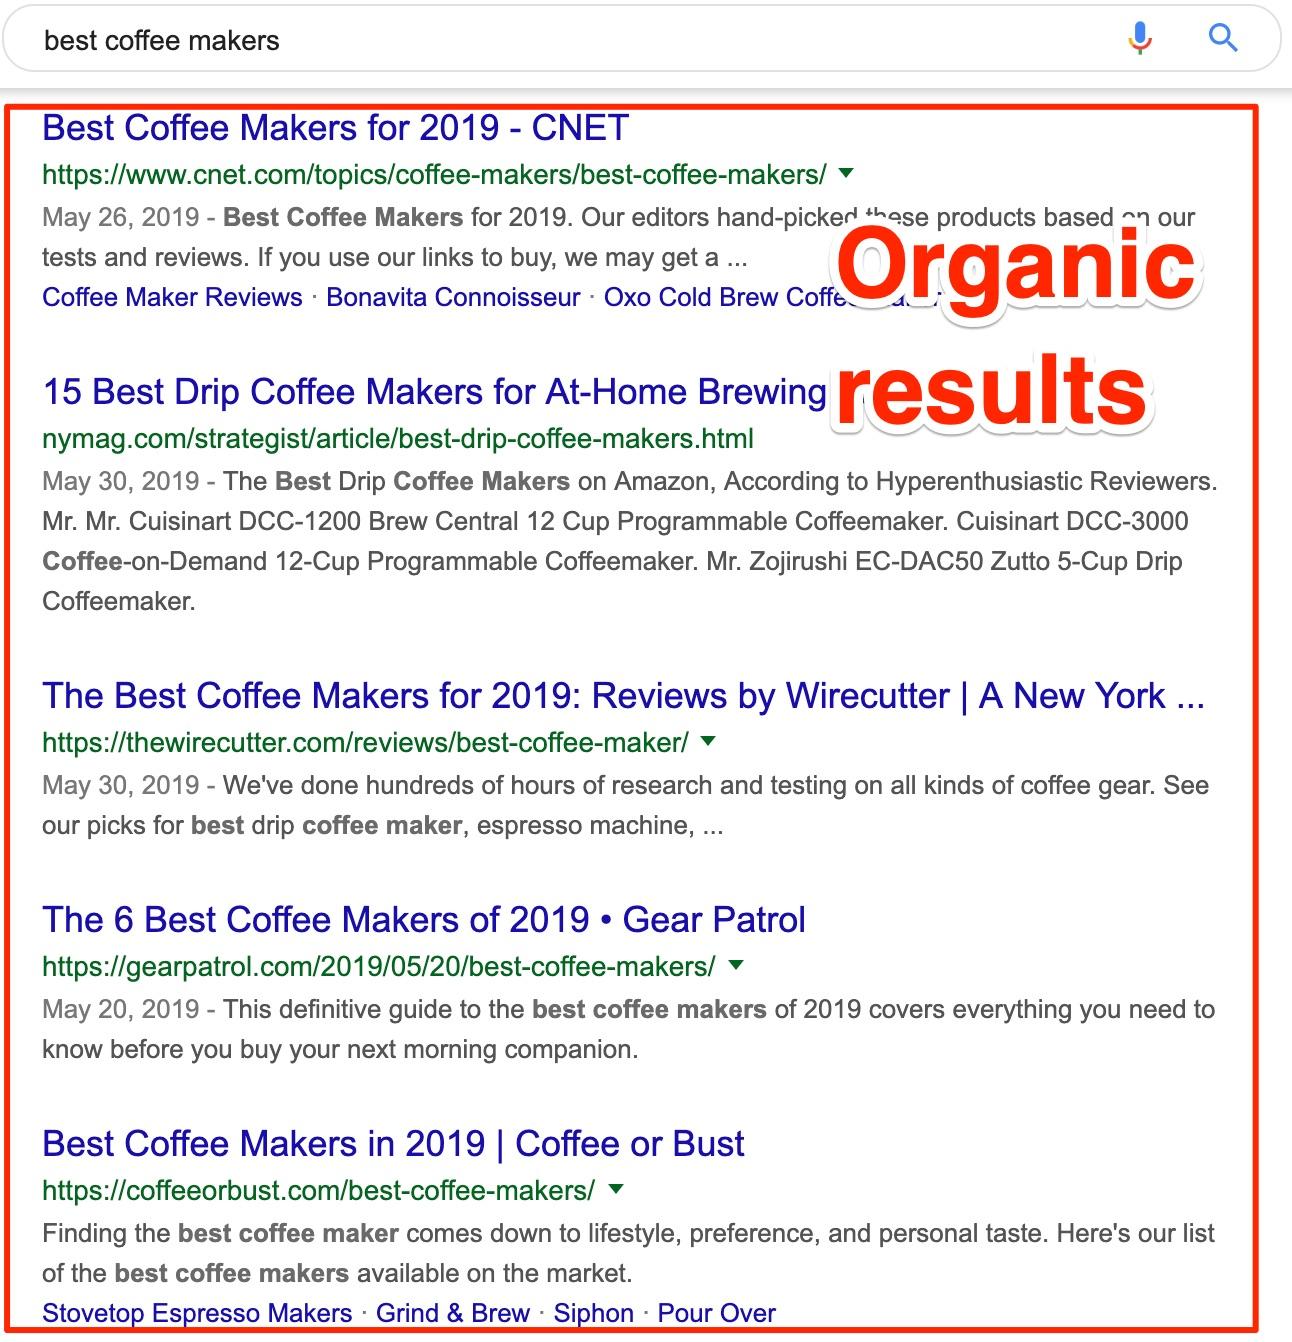 organik sonuçlar